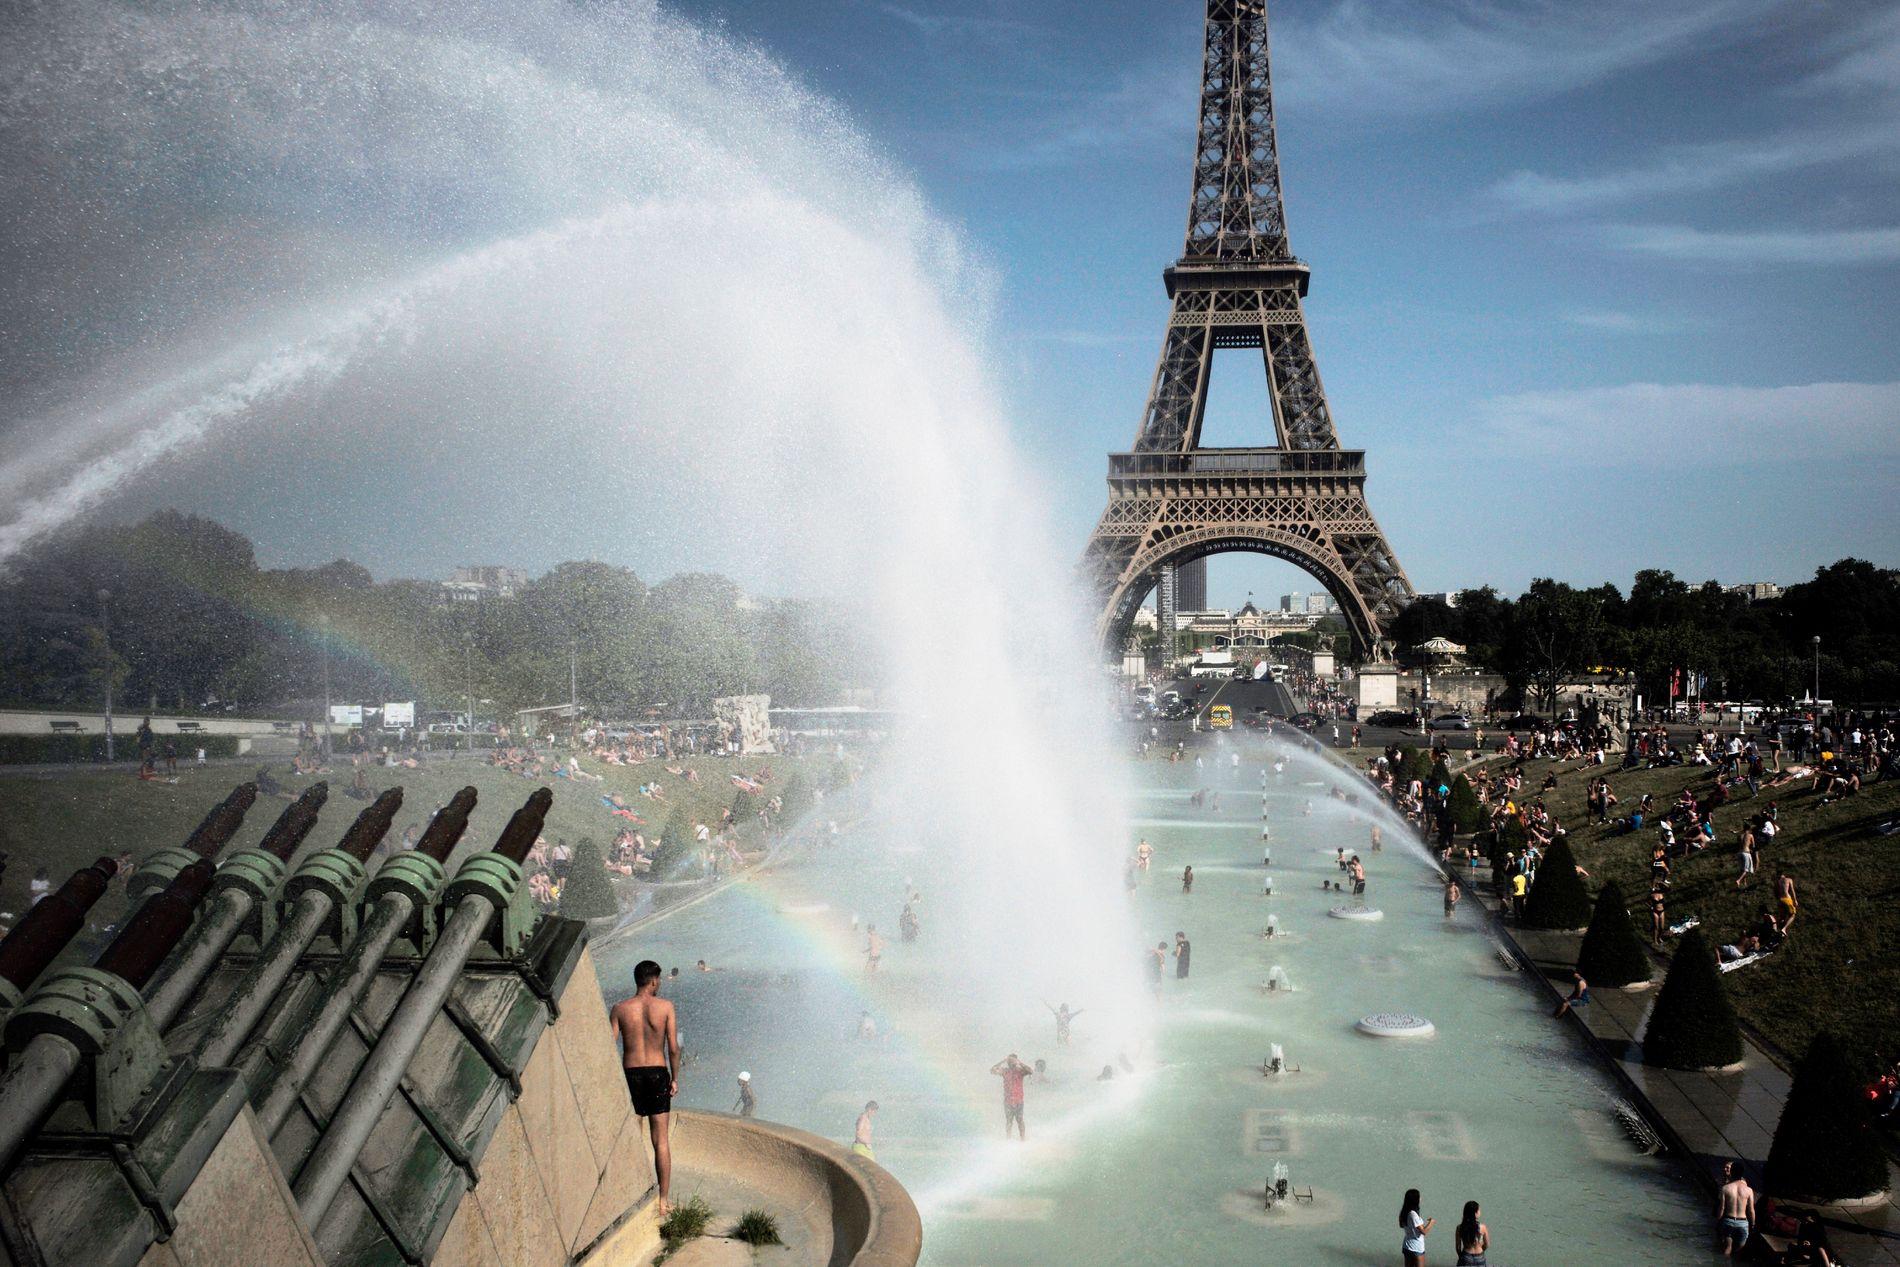 VARMETILTAK: Tidligere i sommer måtte Paris innføre en rekke strakstiltak, som nye fontener og vannkanoner, for å redde folket mot overoppheting. Det ser ut til å være nødvendig igjen neste uke.